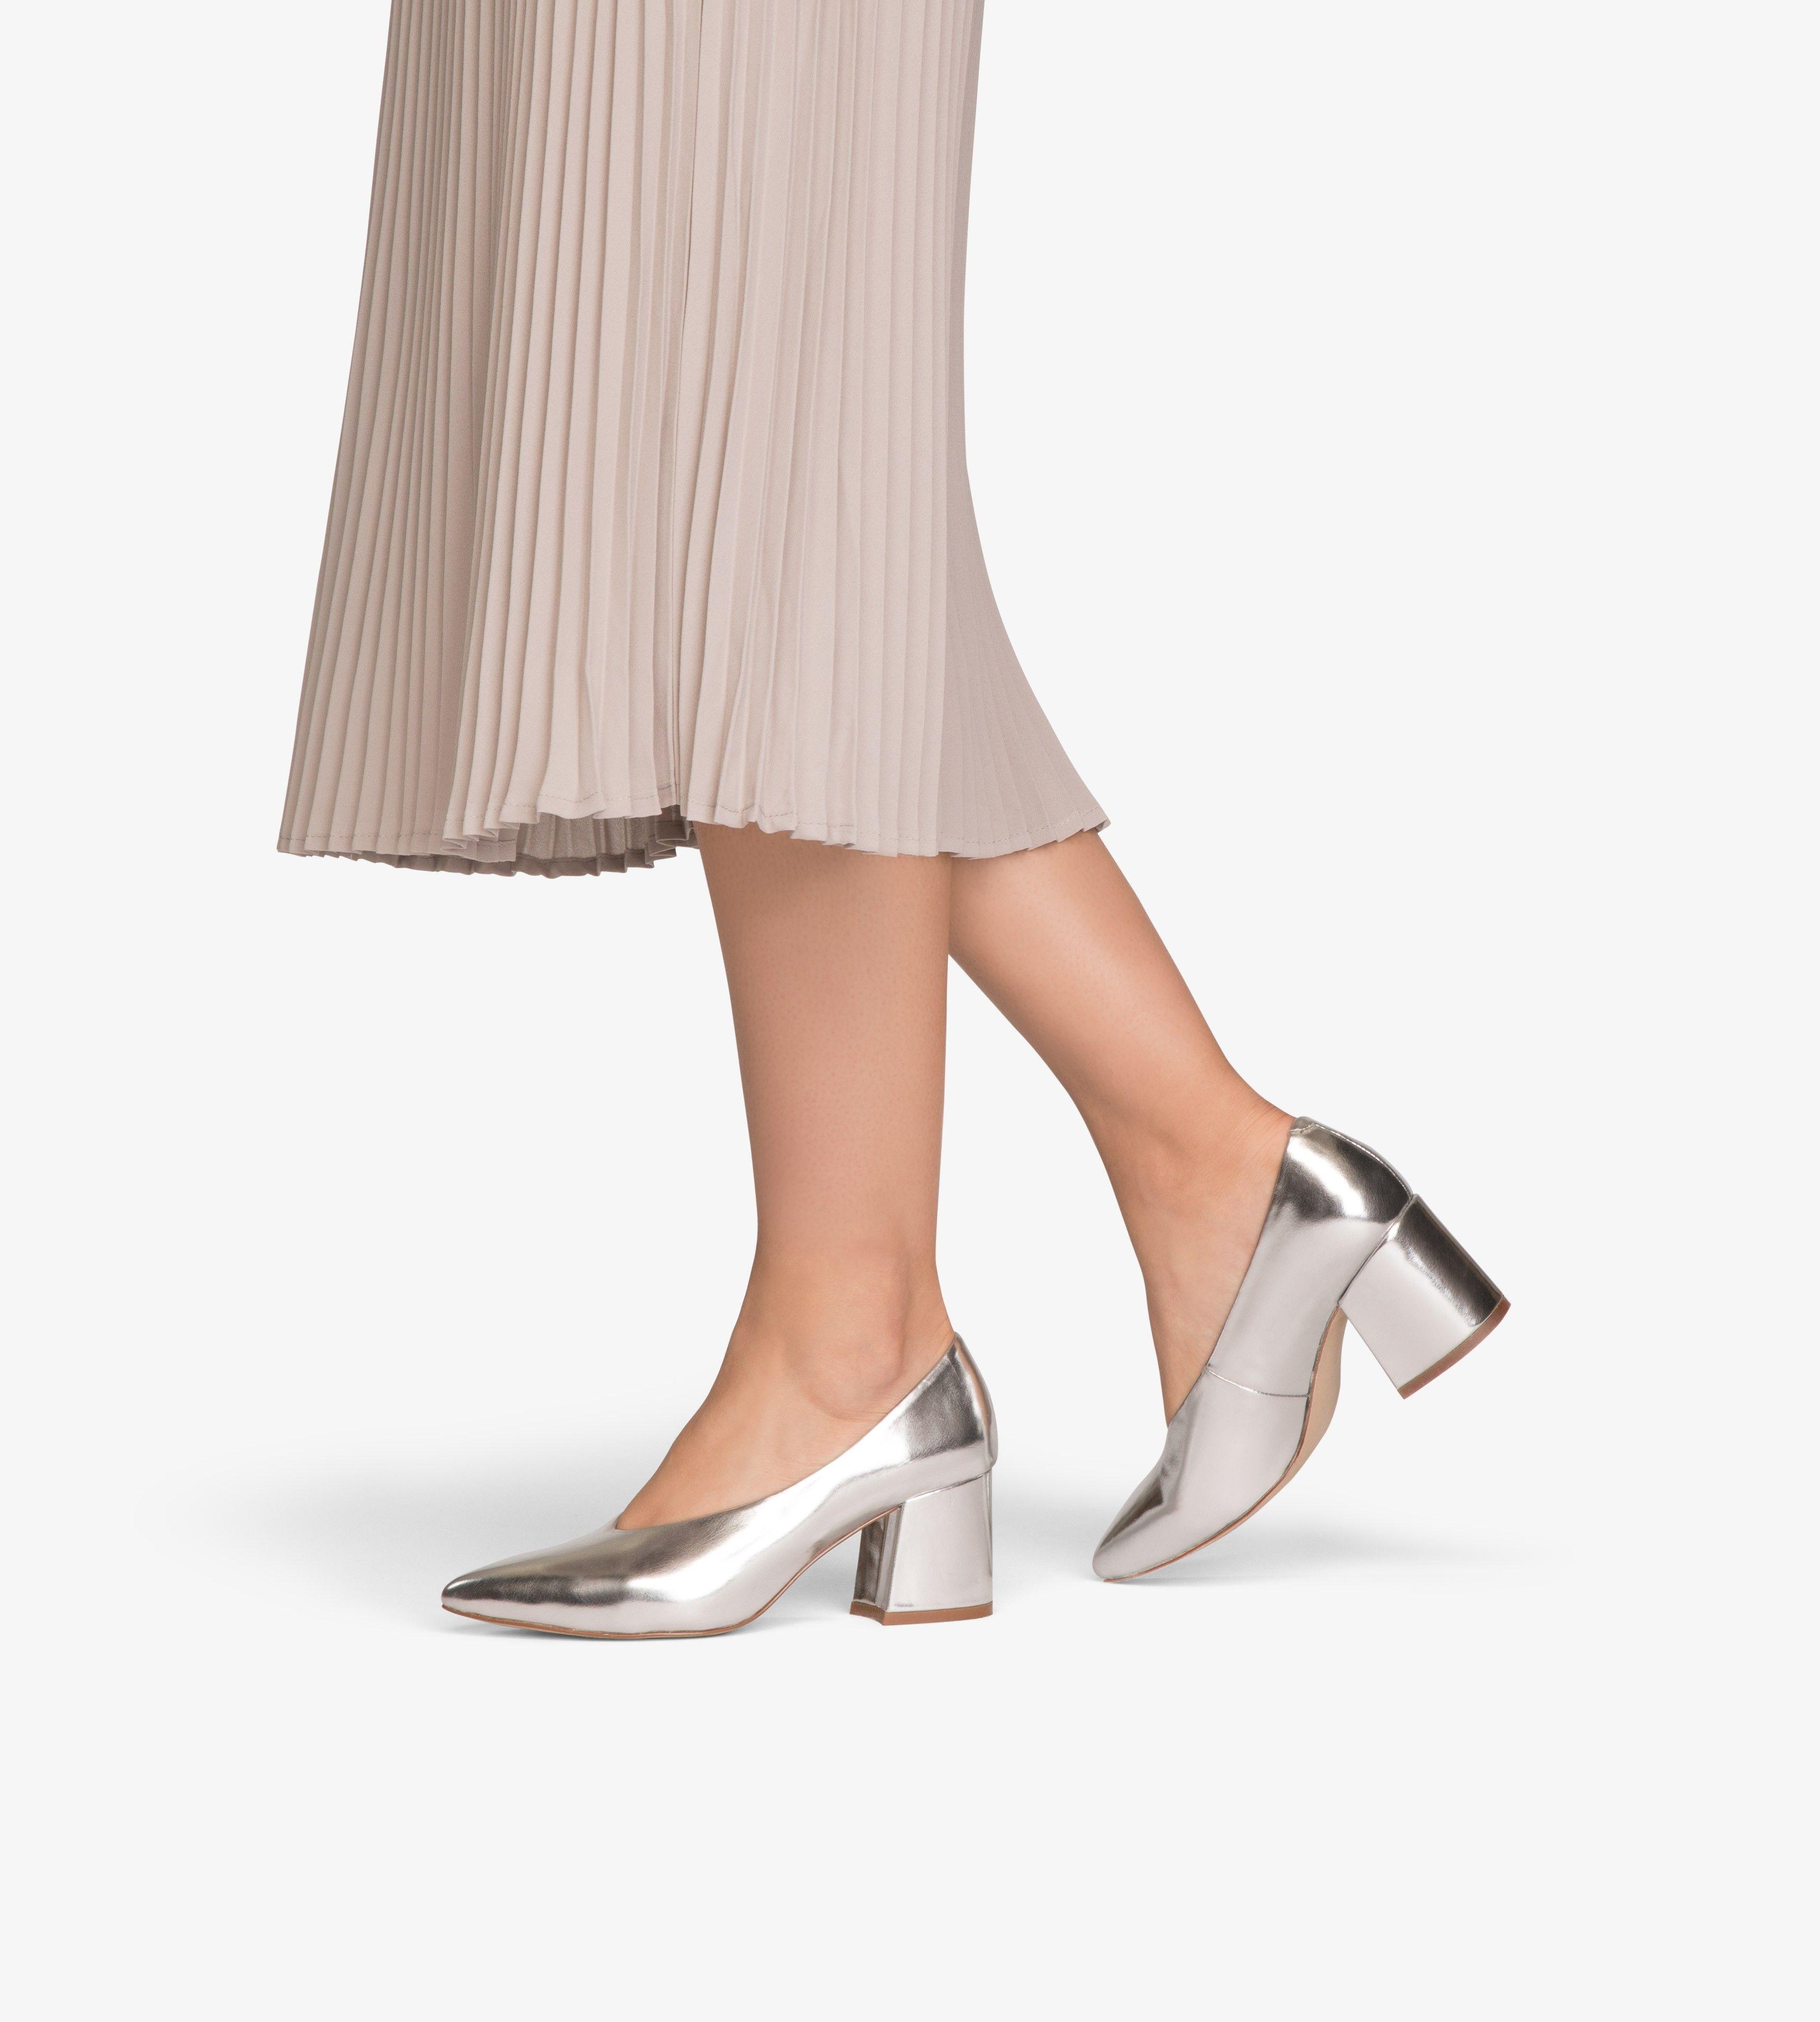 fb03890a67d SIBYL - SUEDE SKY - klass city - shoes